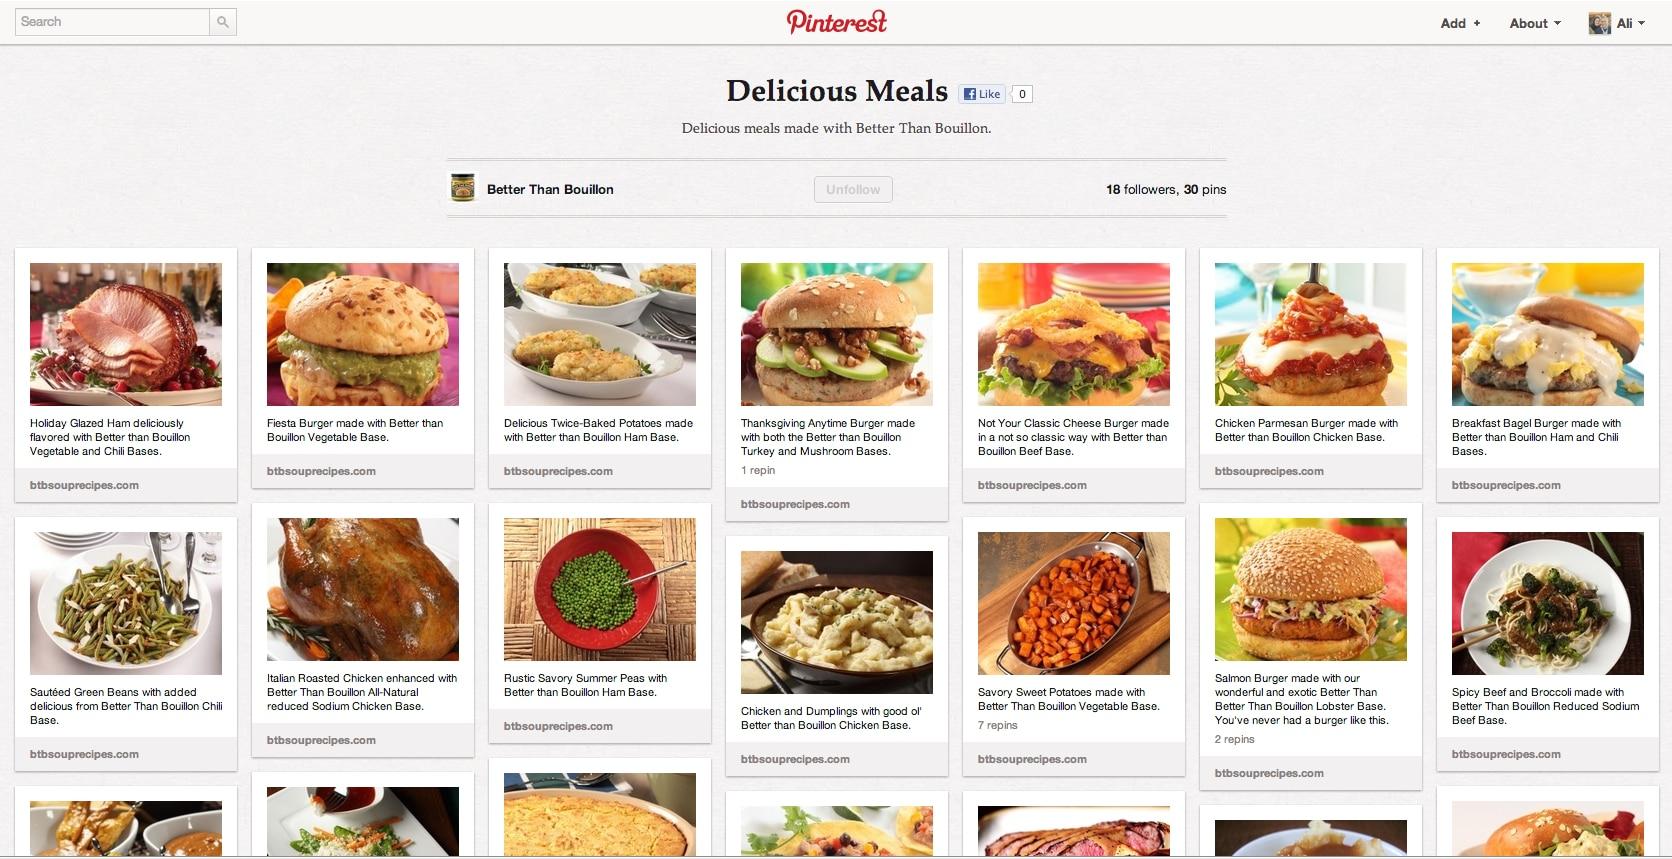 BTB_Delicious Meals